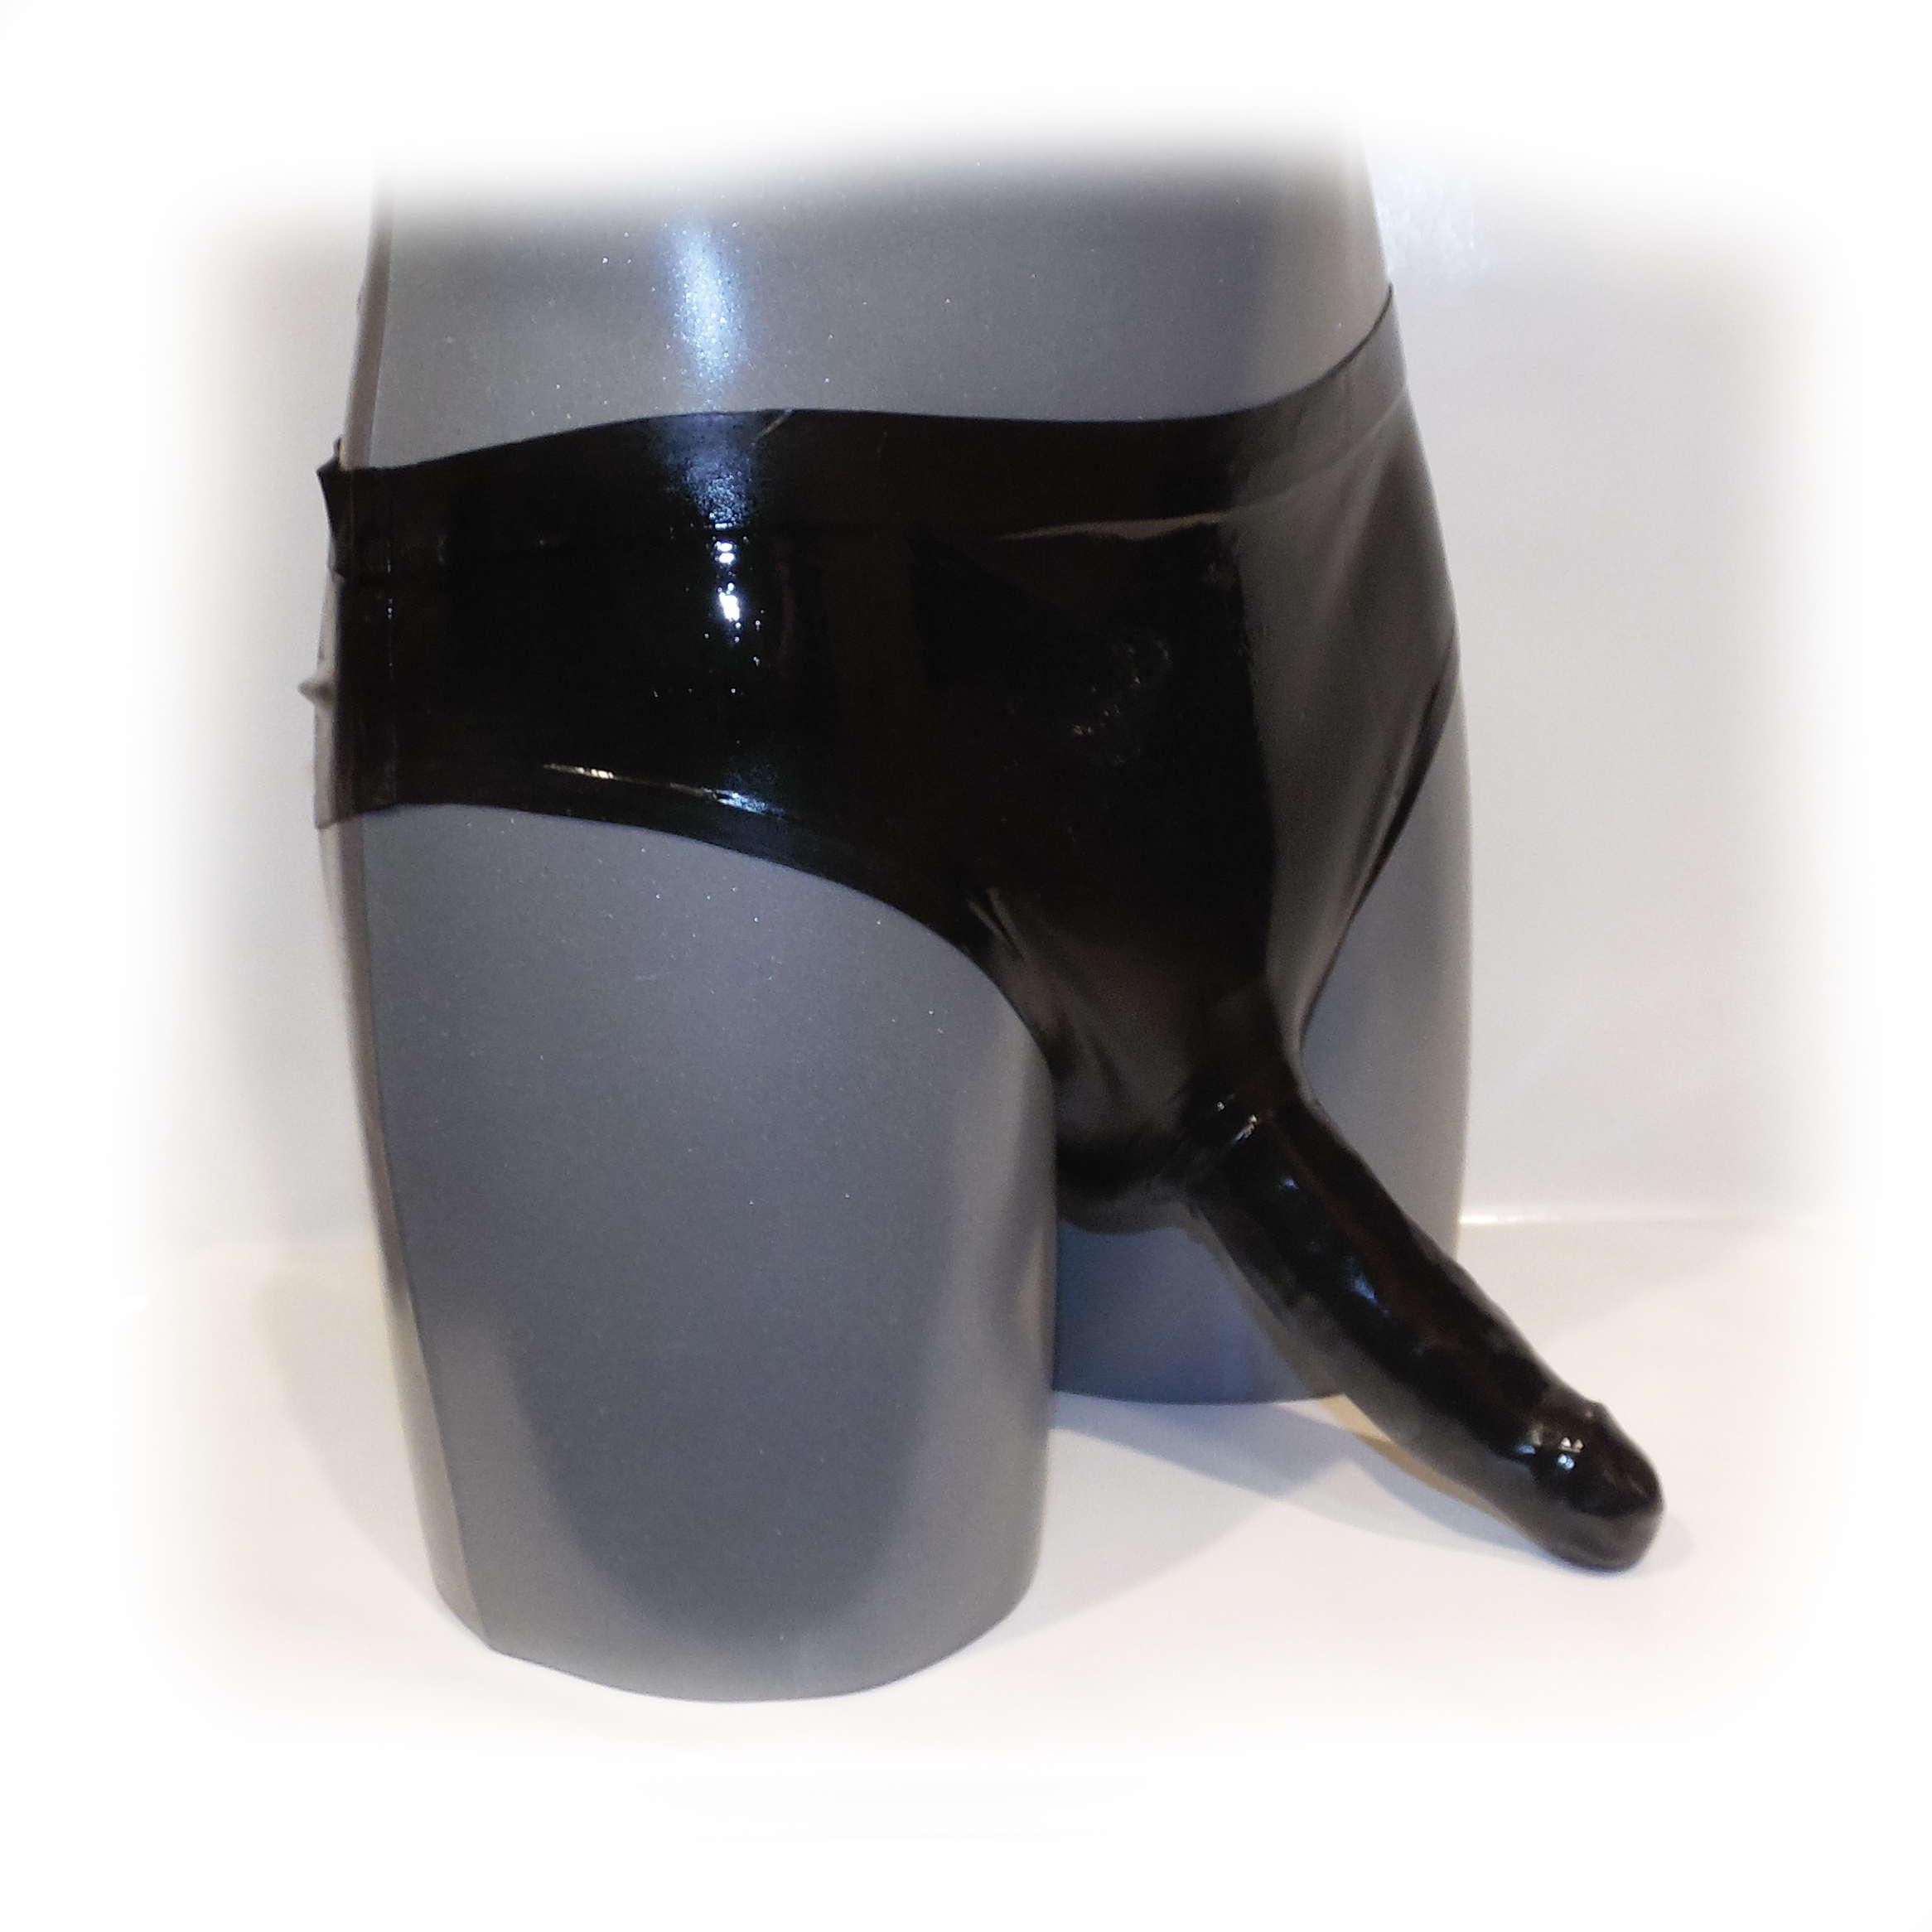 Latex Slip mit Analkondom und Penisschaft - 0,4 mm Hand Size XXL (321)